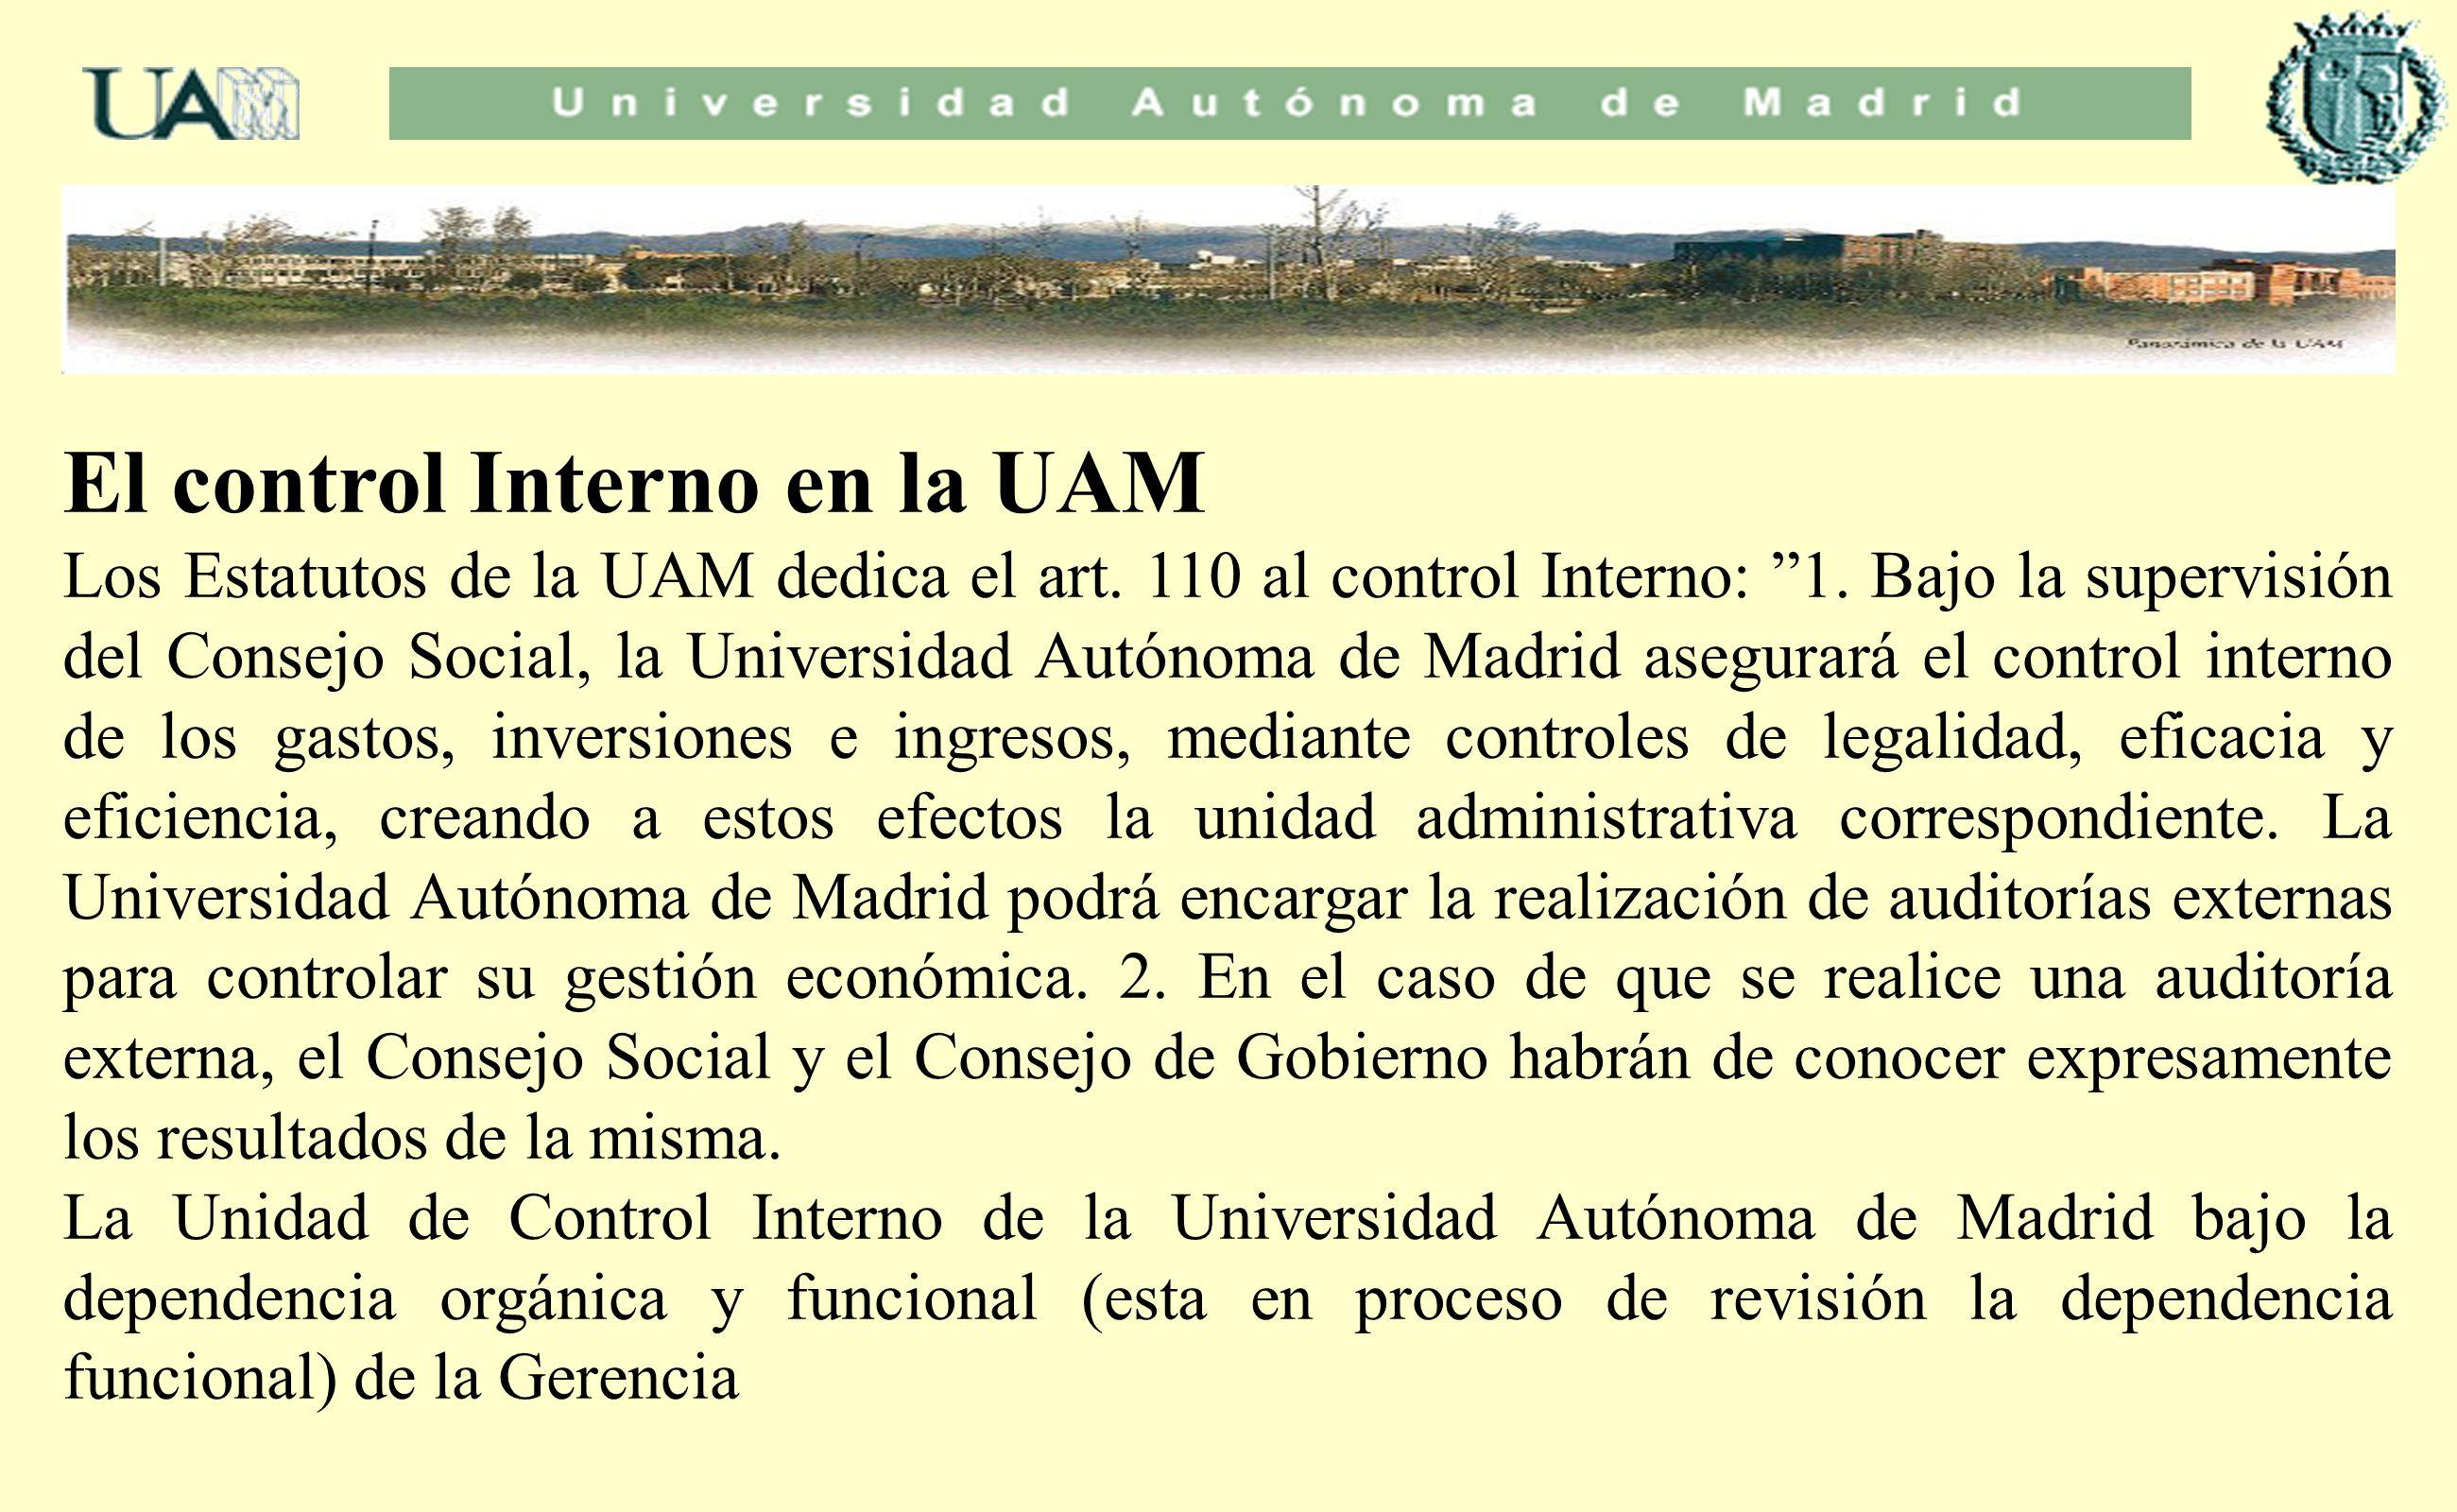 El control Interno en la UAM